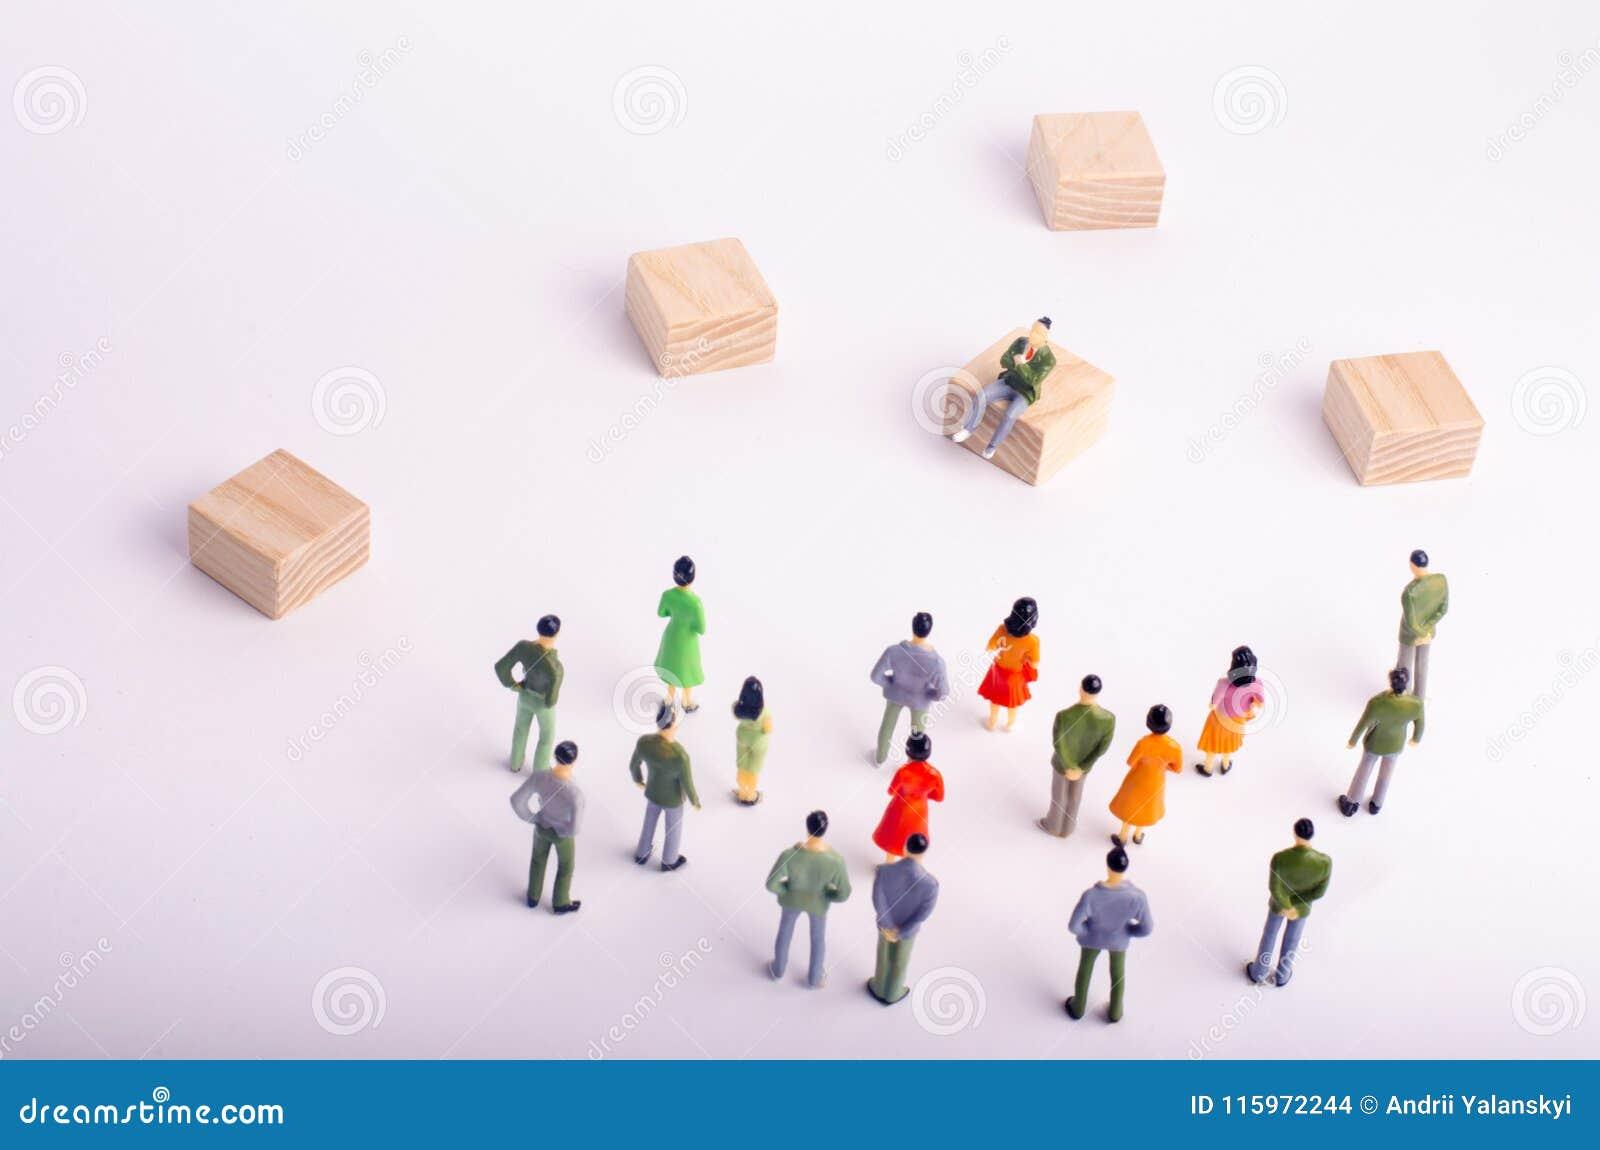 Regard de personnes à la séance de personne Les gens condamnent une personne La foule admire leur idole Pas comme tous les autres